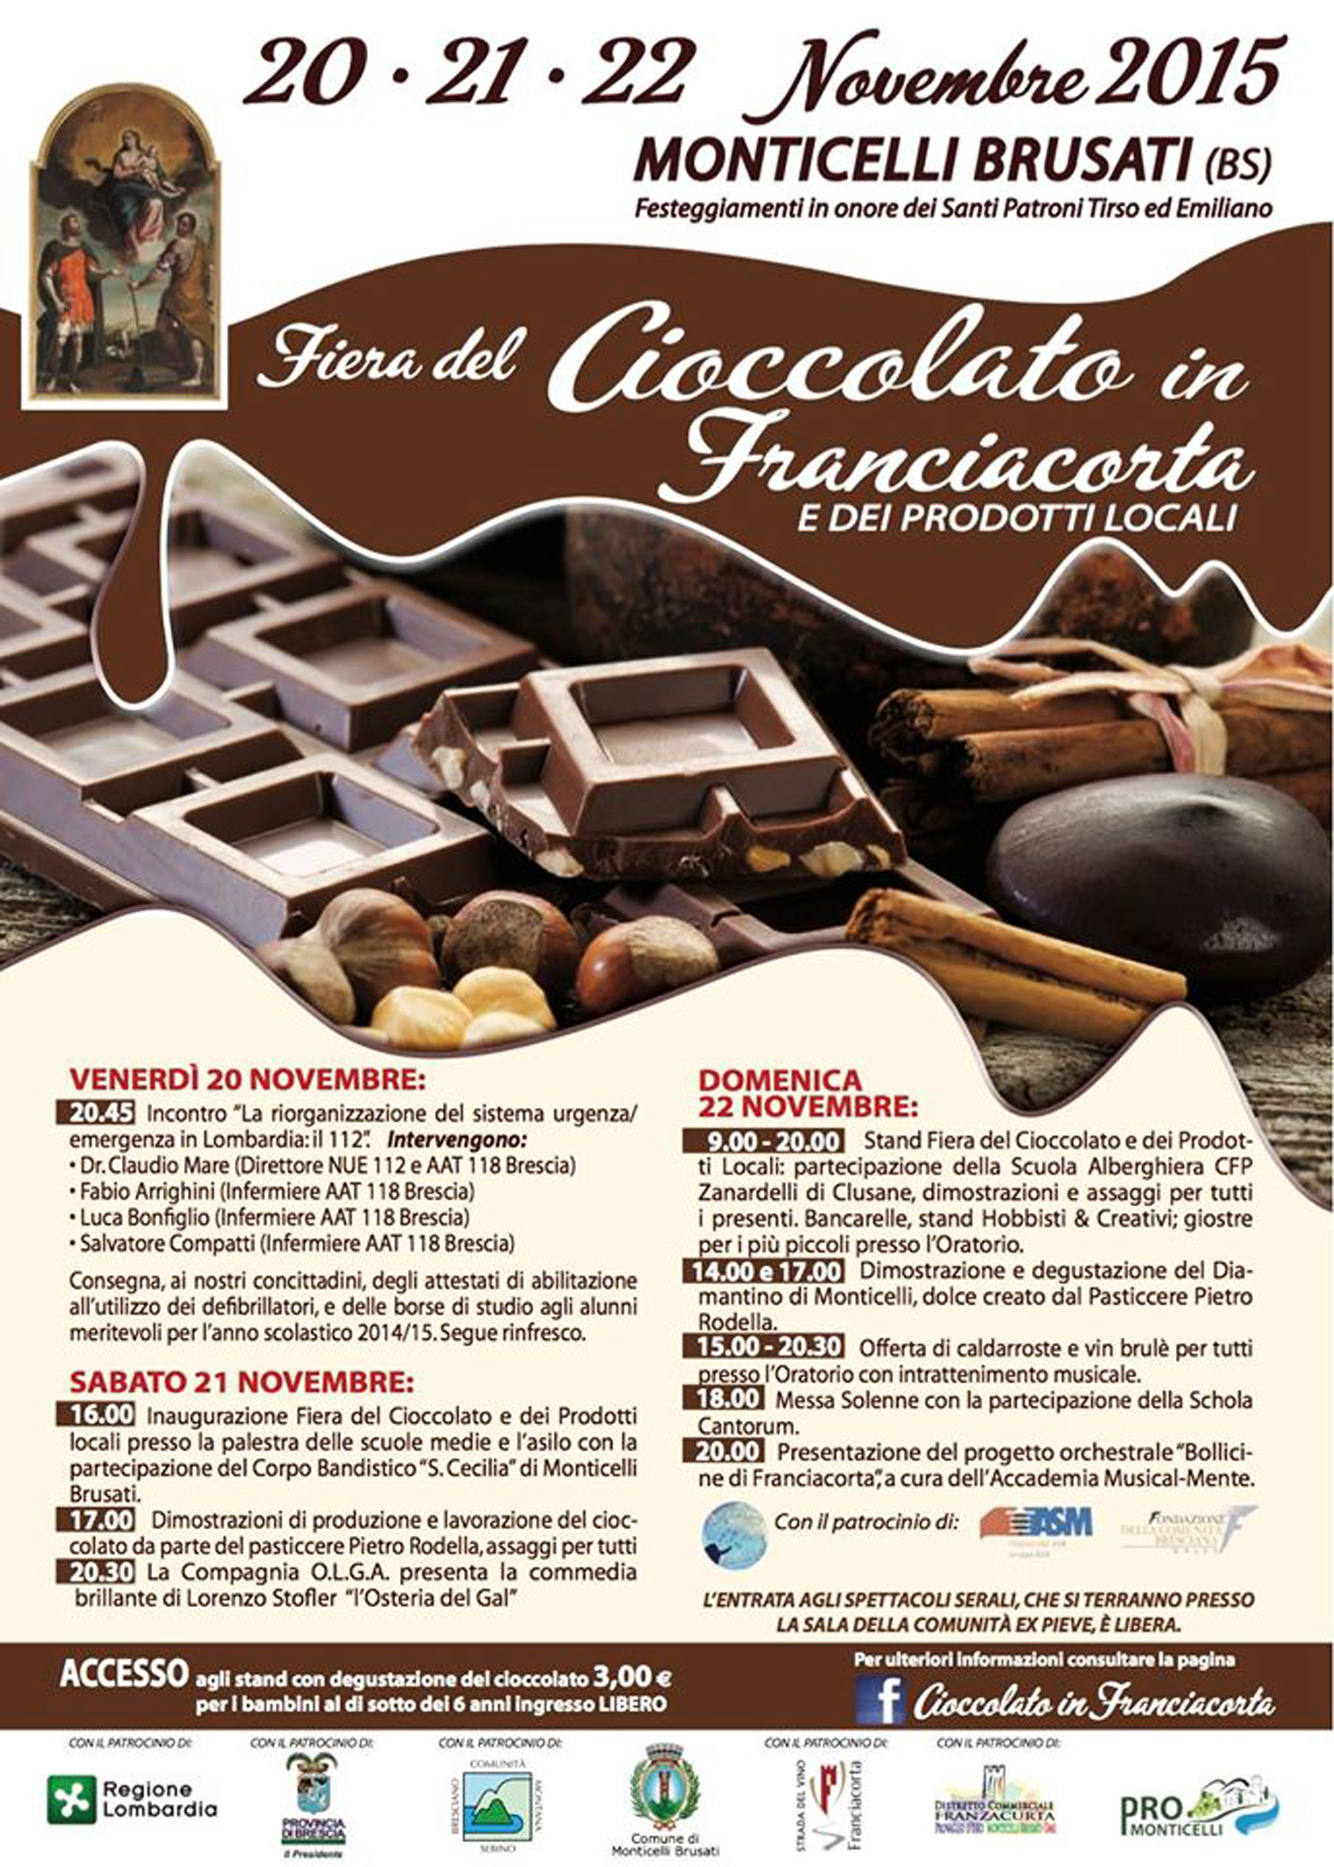 Fiera del Cioccolato in Franciacorta | novembre 2015-2